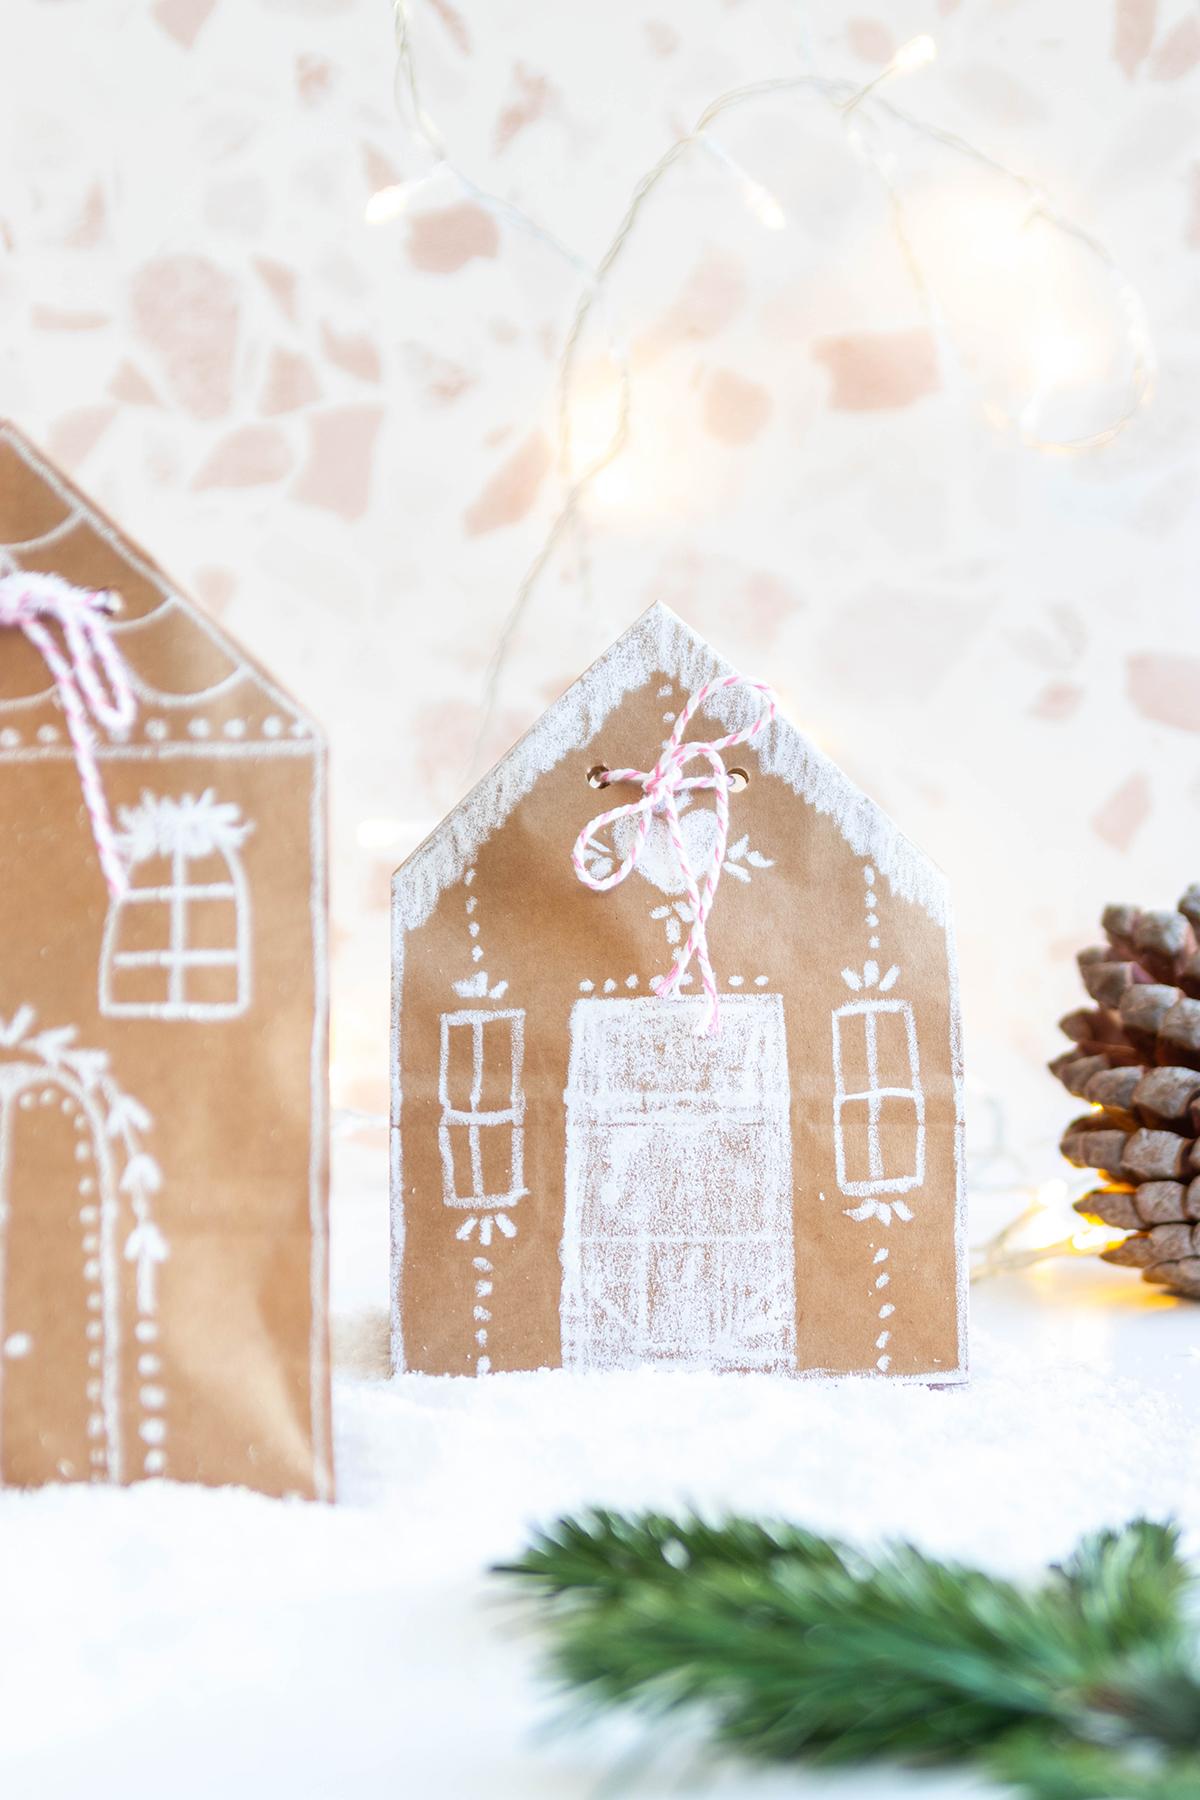 Einpackideen für Weihnachten